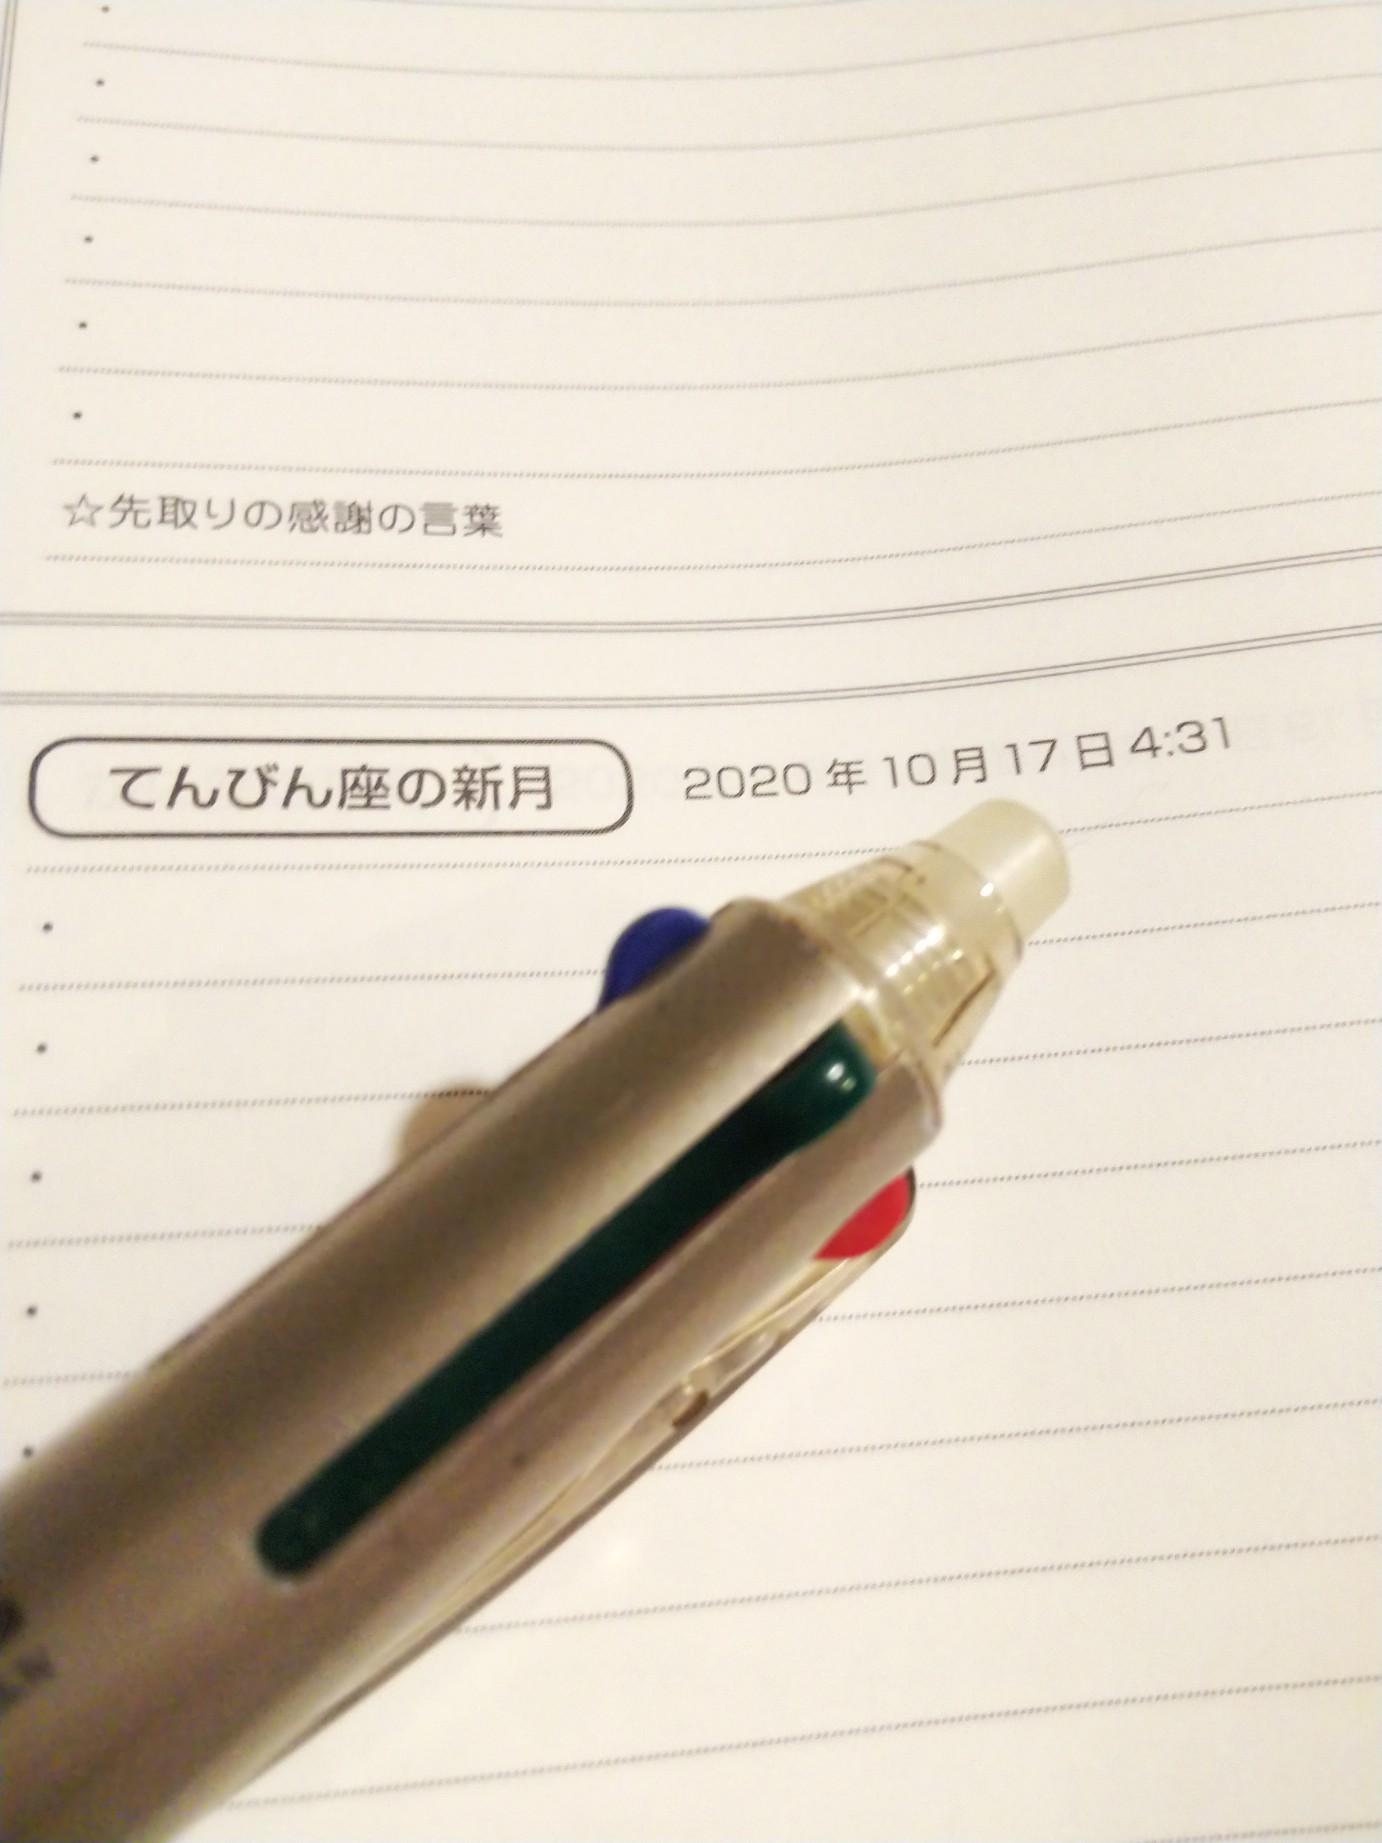 201016 「新月のお願い」INてんびん座の例文_f0164842_21101214.jpg